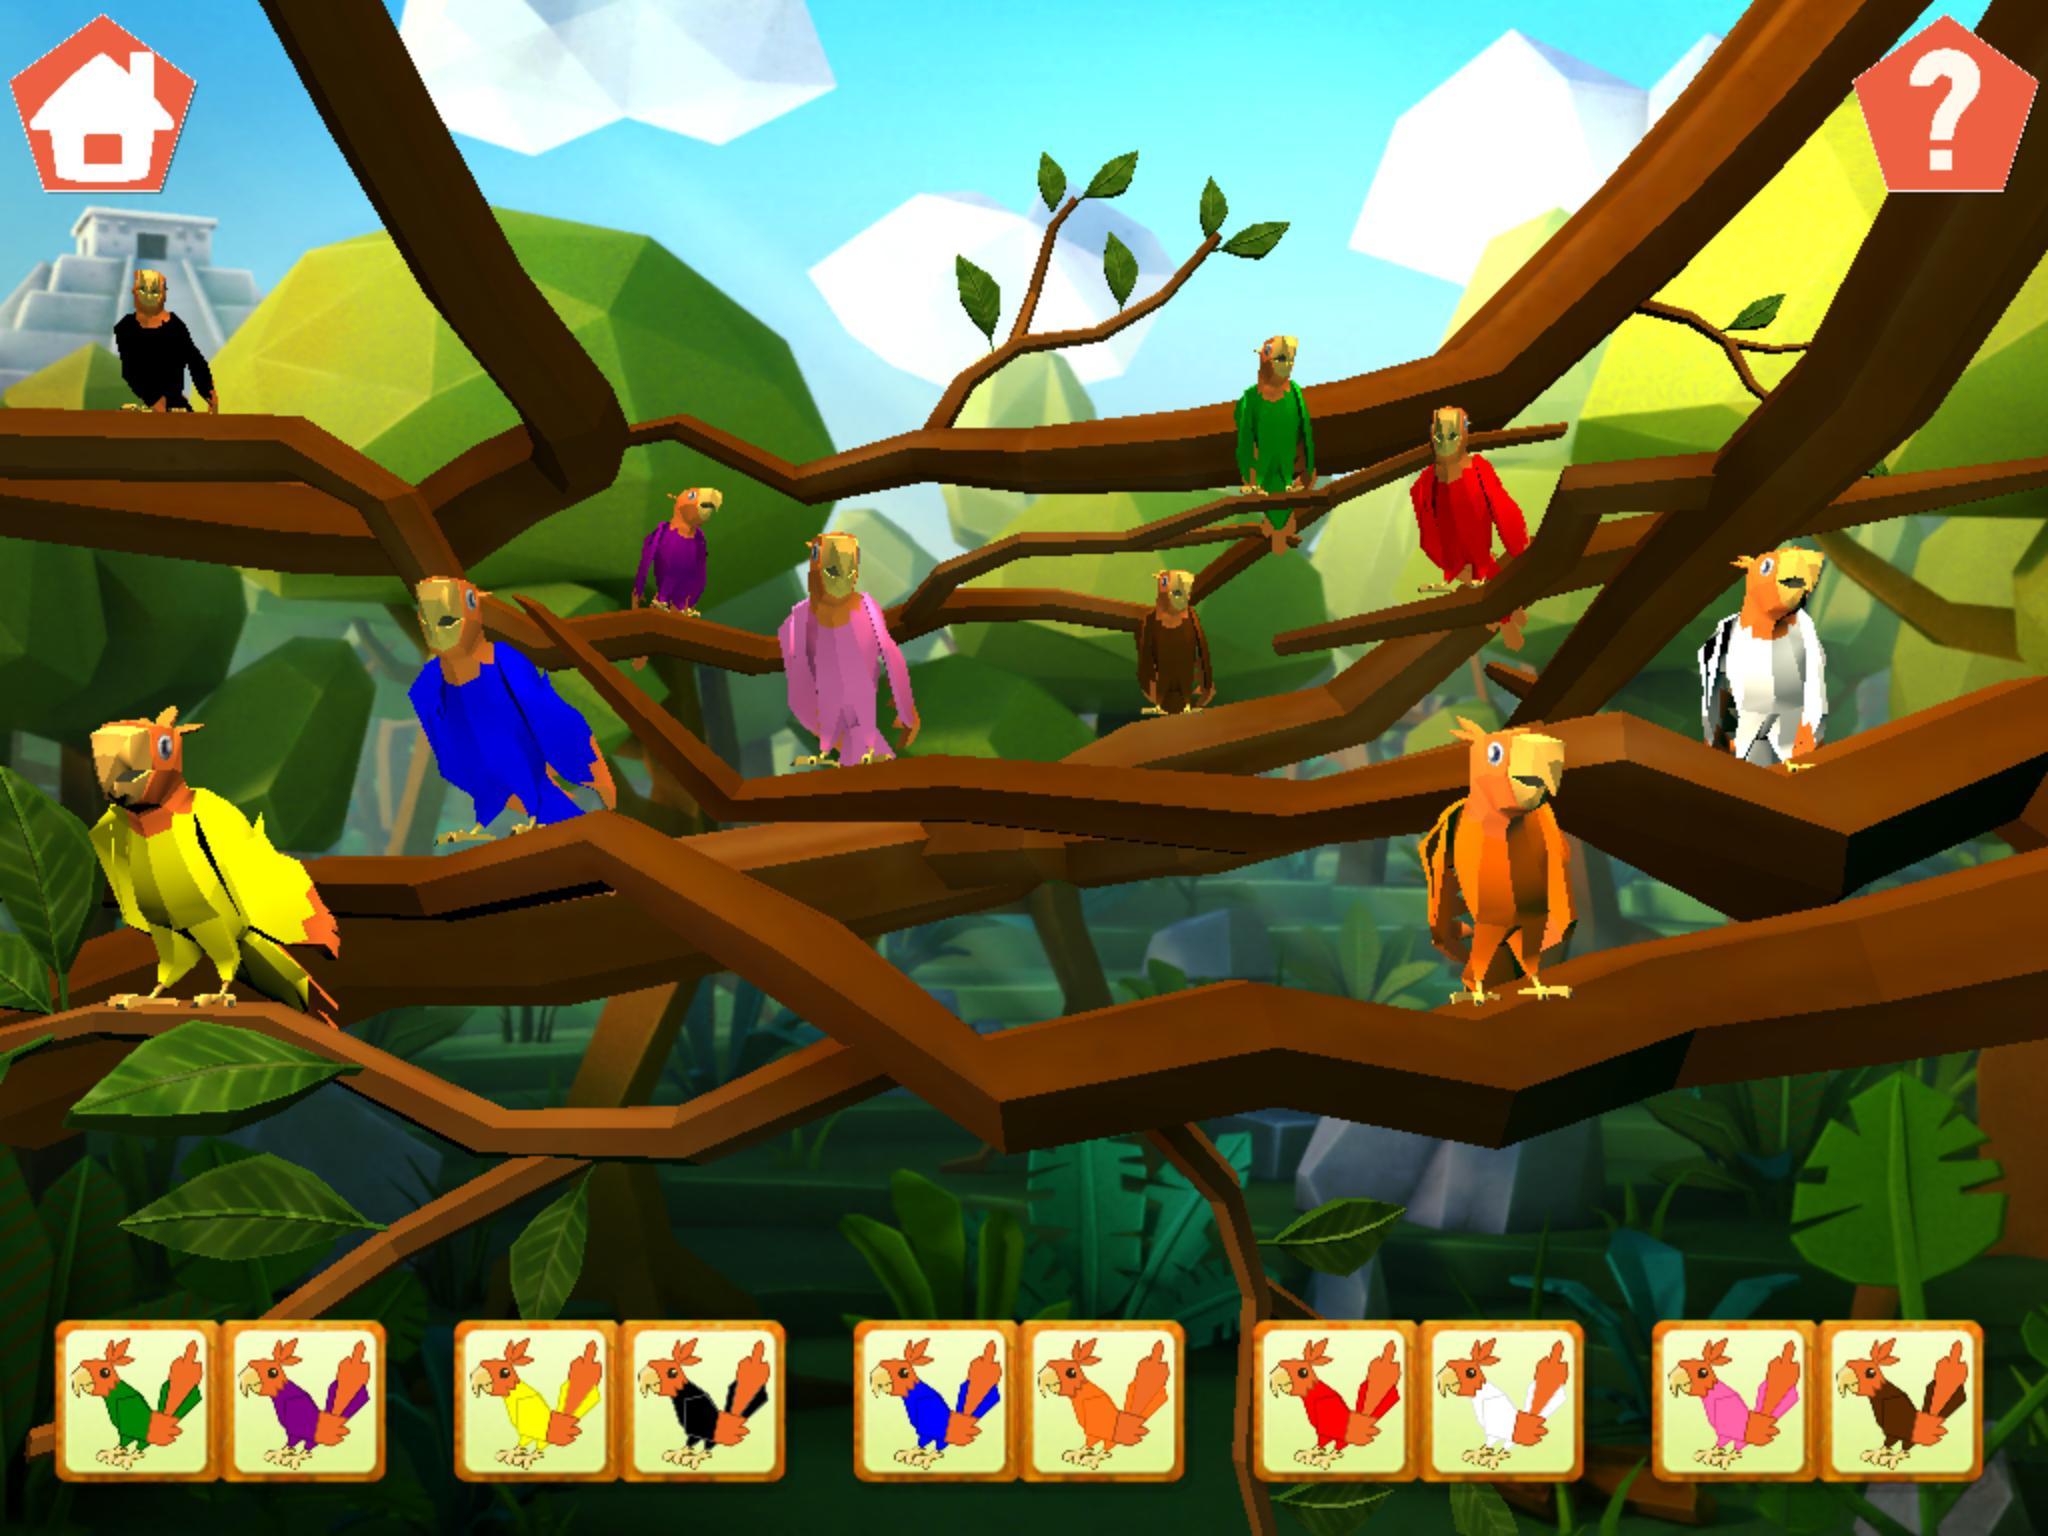 Jeu Maternelle Gratuit : Pokolpok For Android - Apk Download encequiconcerne Jeux Gratuit Maternelle